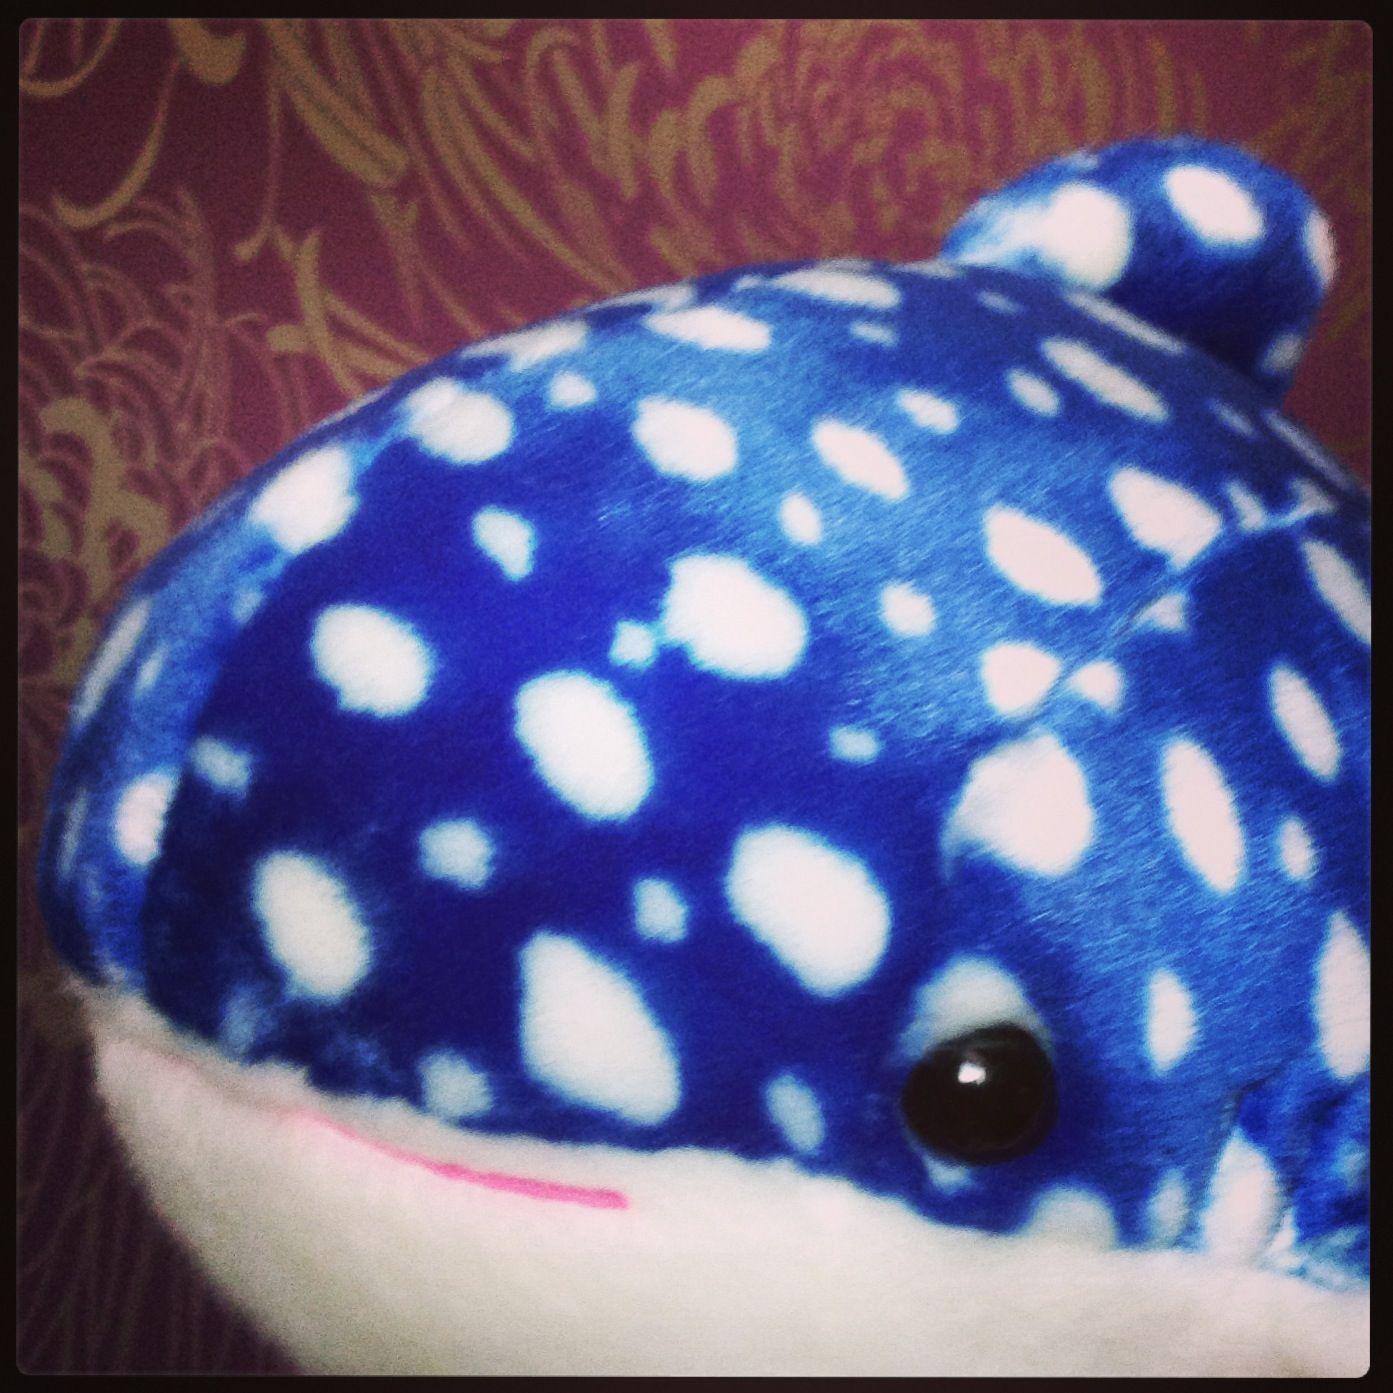 c9f9e3d897809771f133dde681cc53ef Frais De Aquarium Osaka Concept